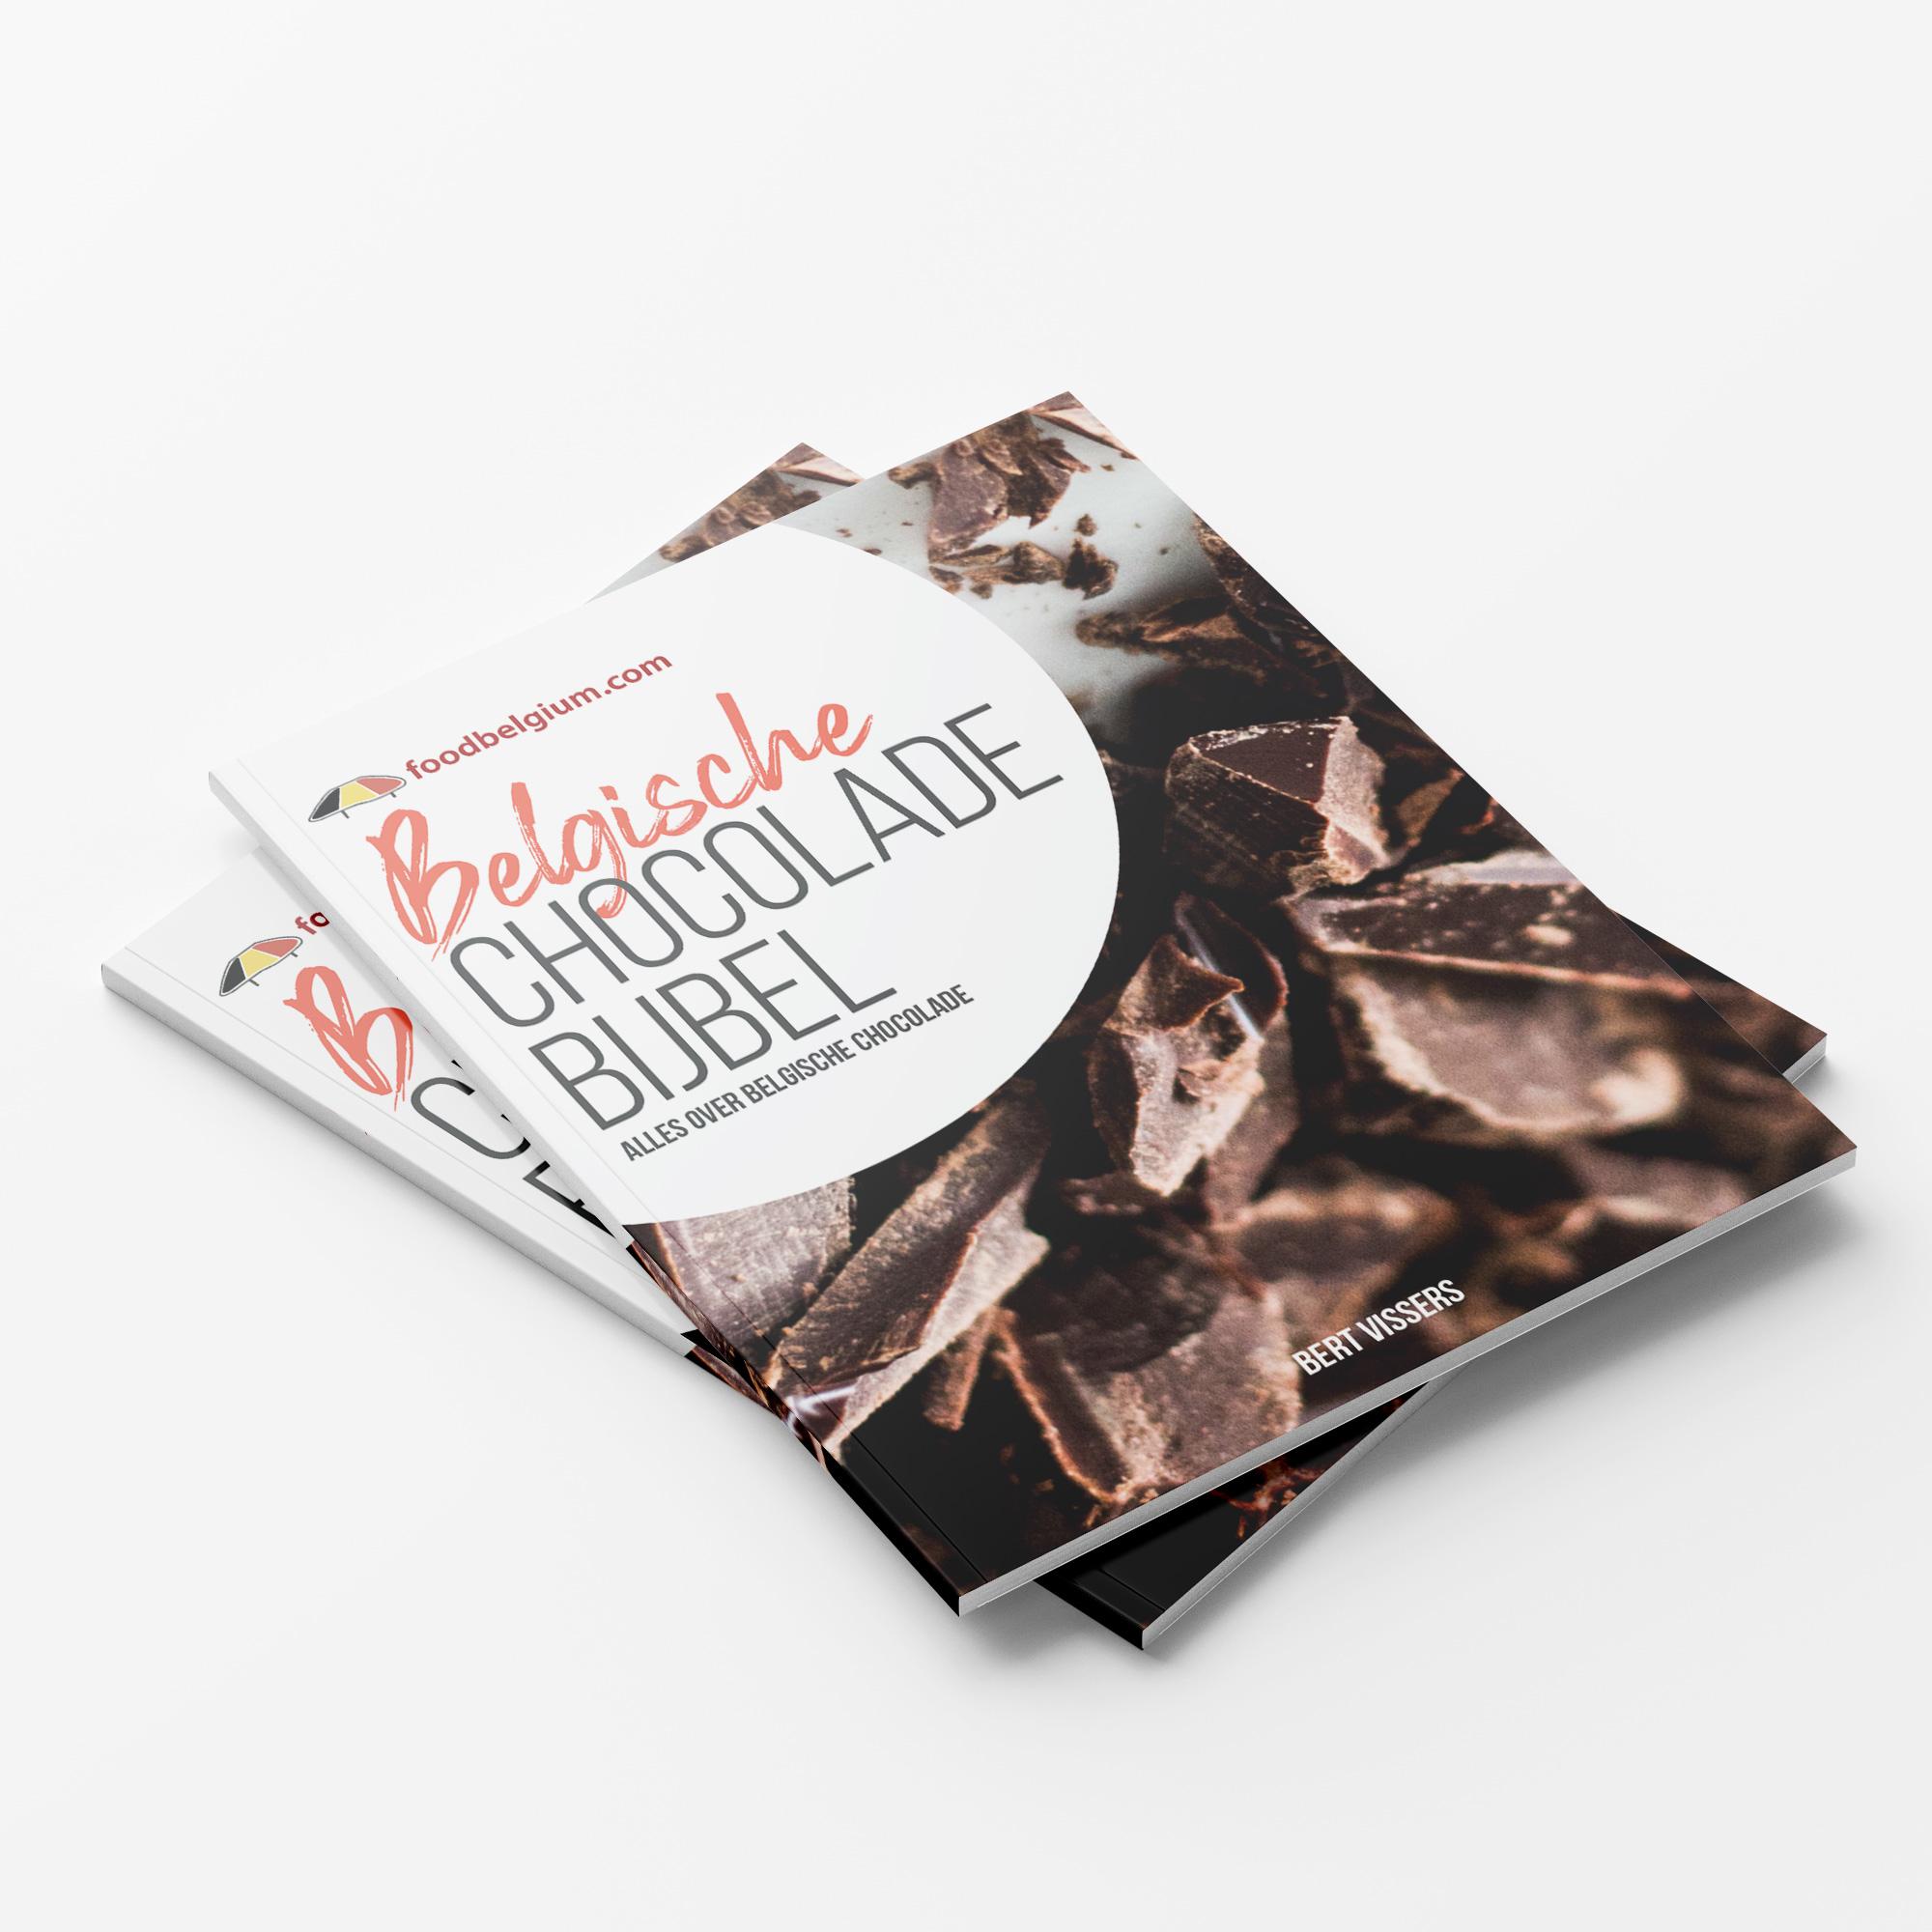 Gratis e-book-Belgische-chocolade-bijbel